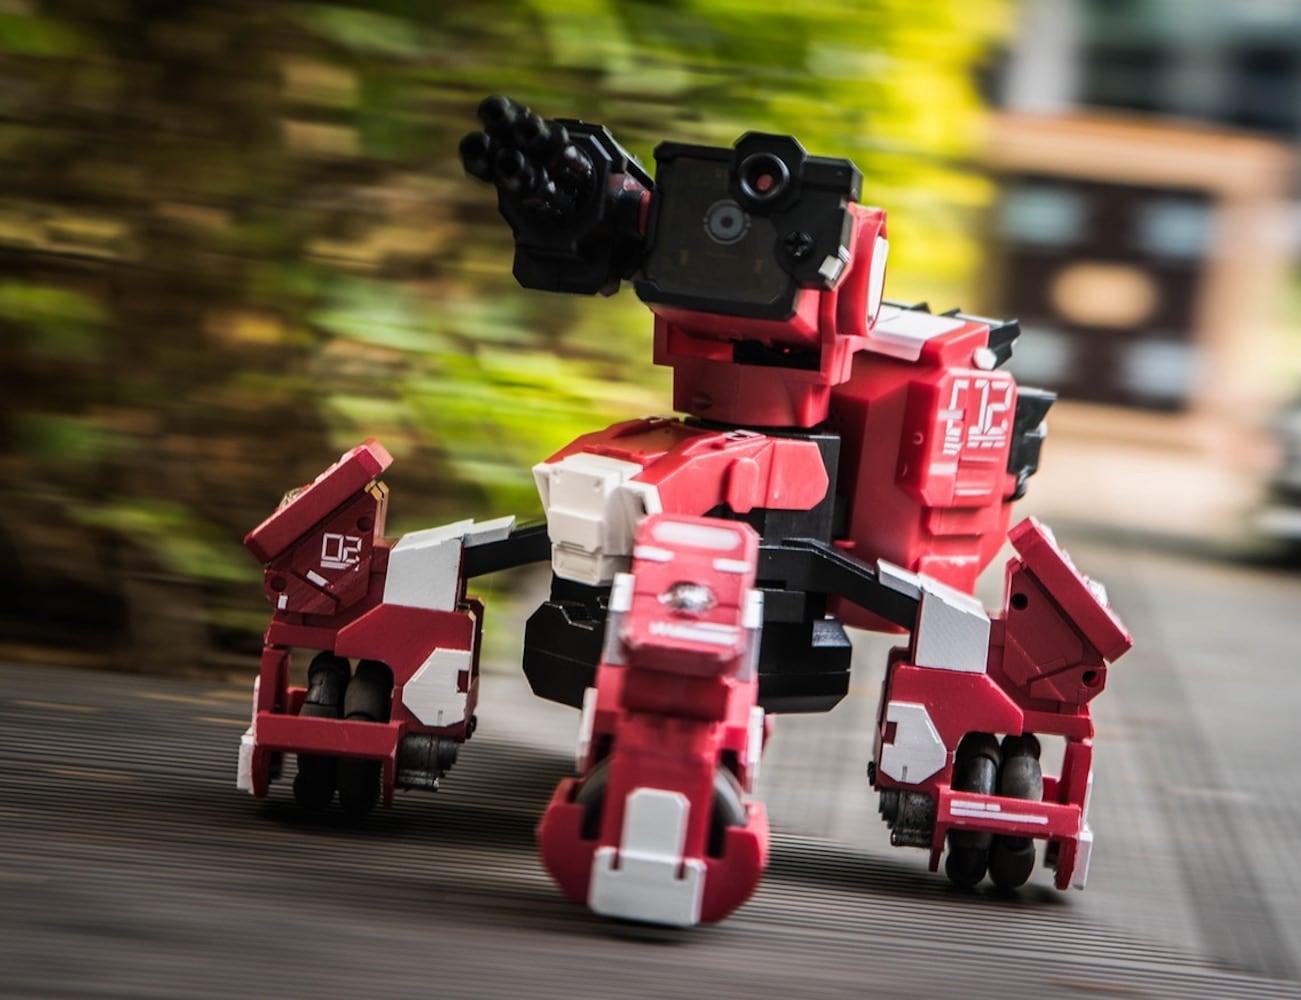 GJS Robot GEIO FPS Battle Bot